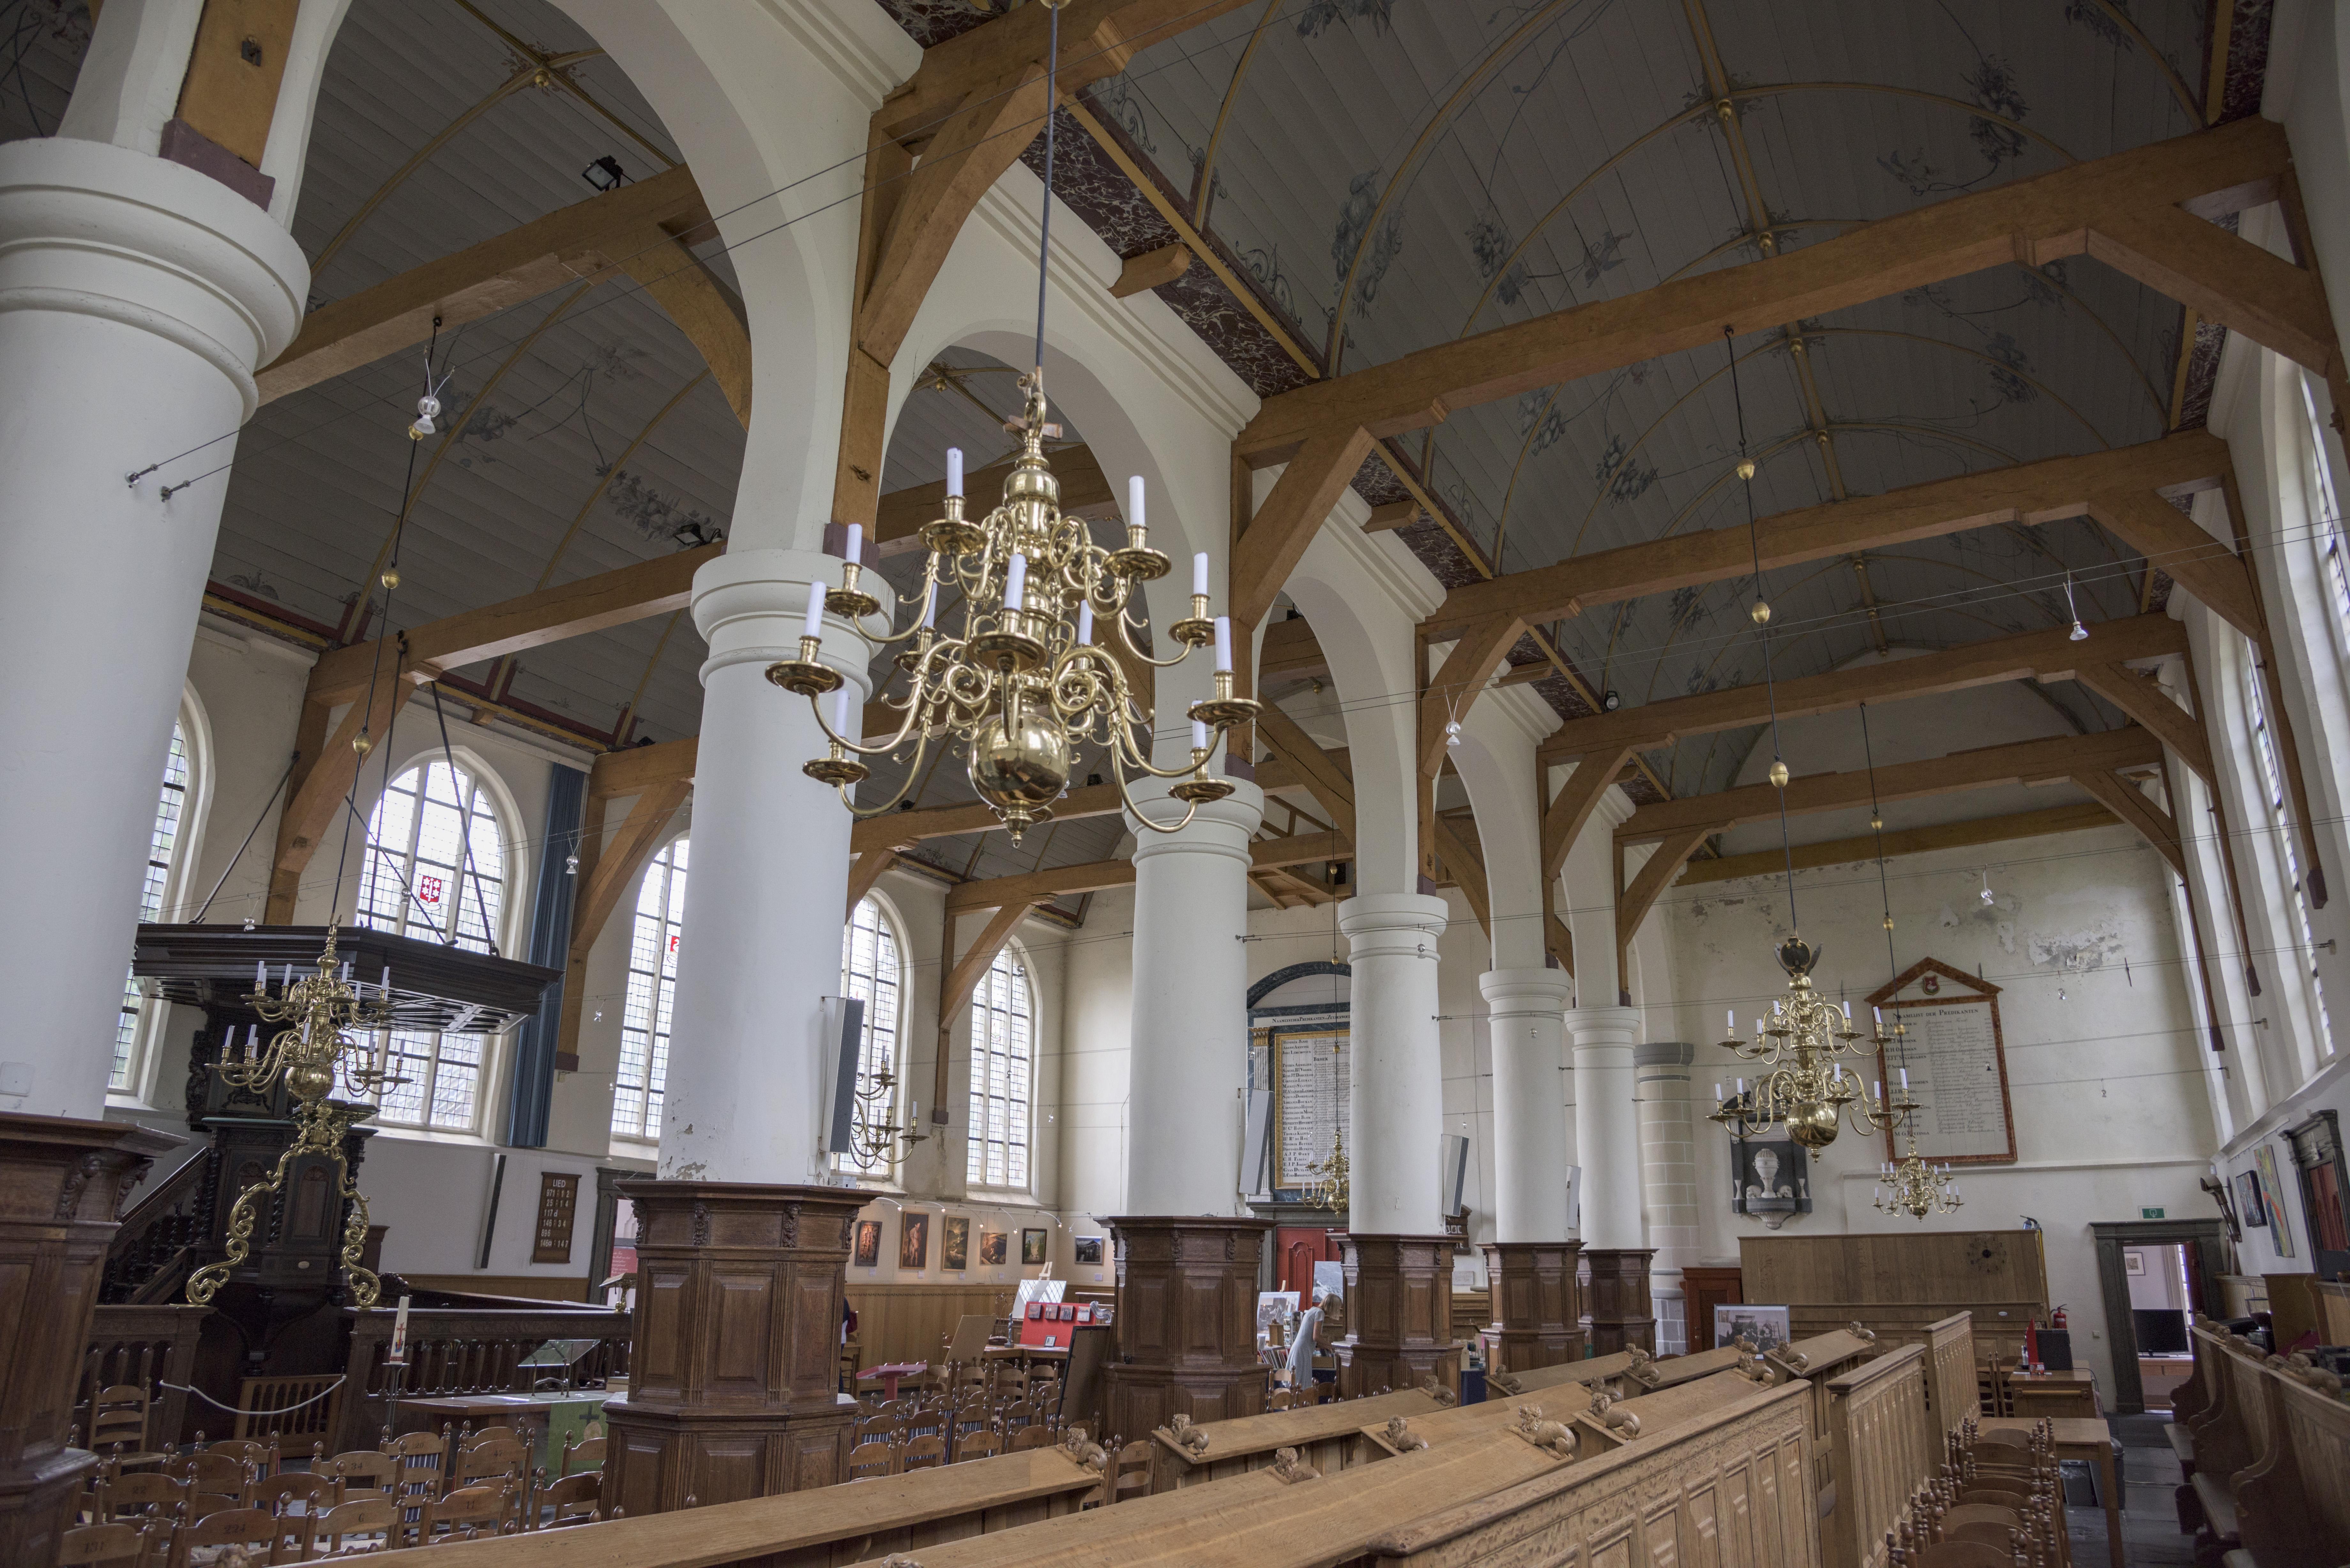 Interieur Broeker Kerk%2C Broek in Waterland hnapel 013 - Broeker Kerk Broek In Waterland